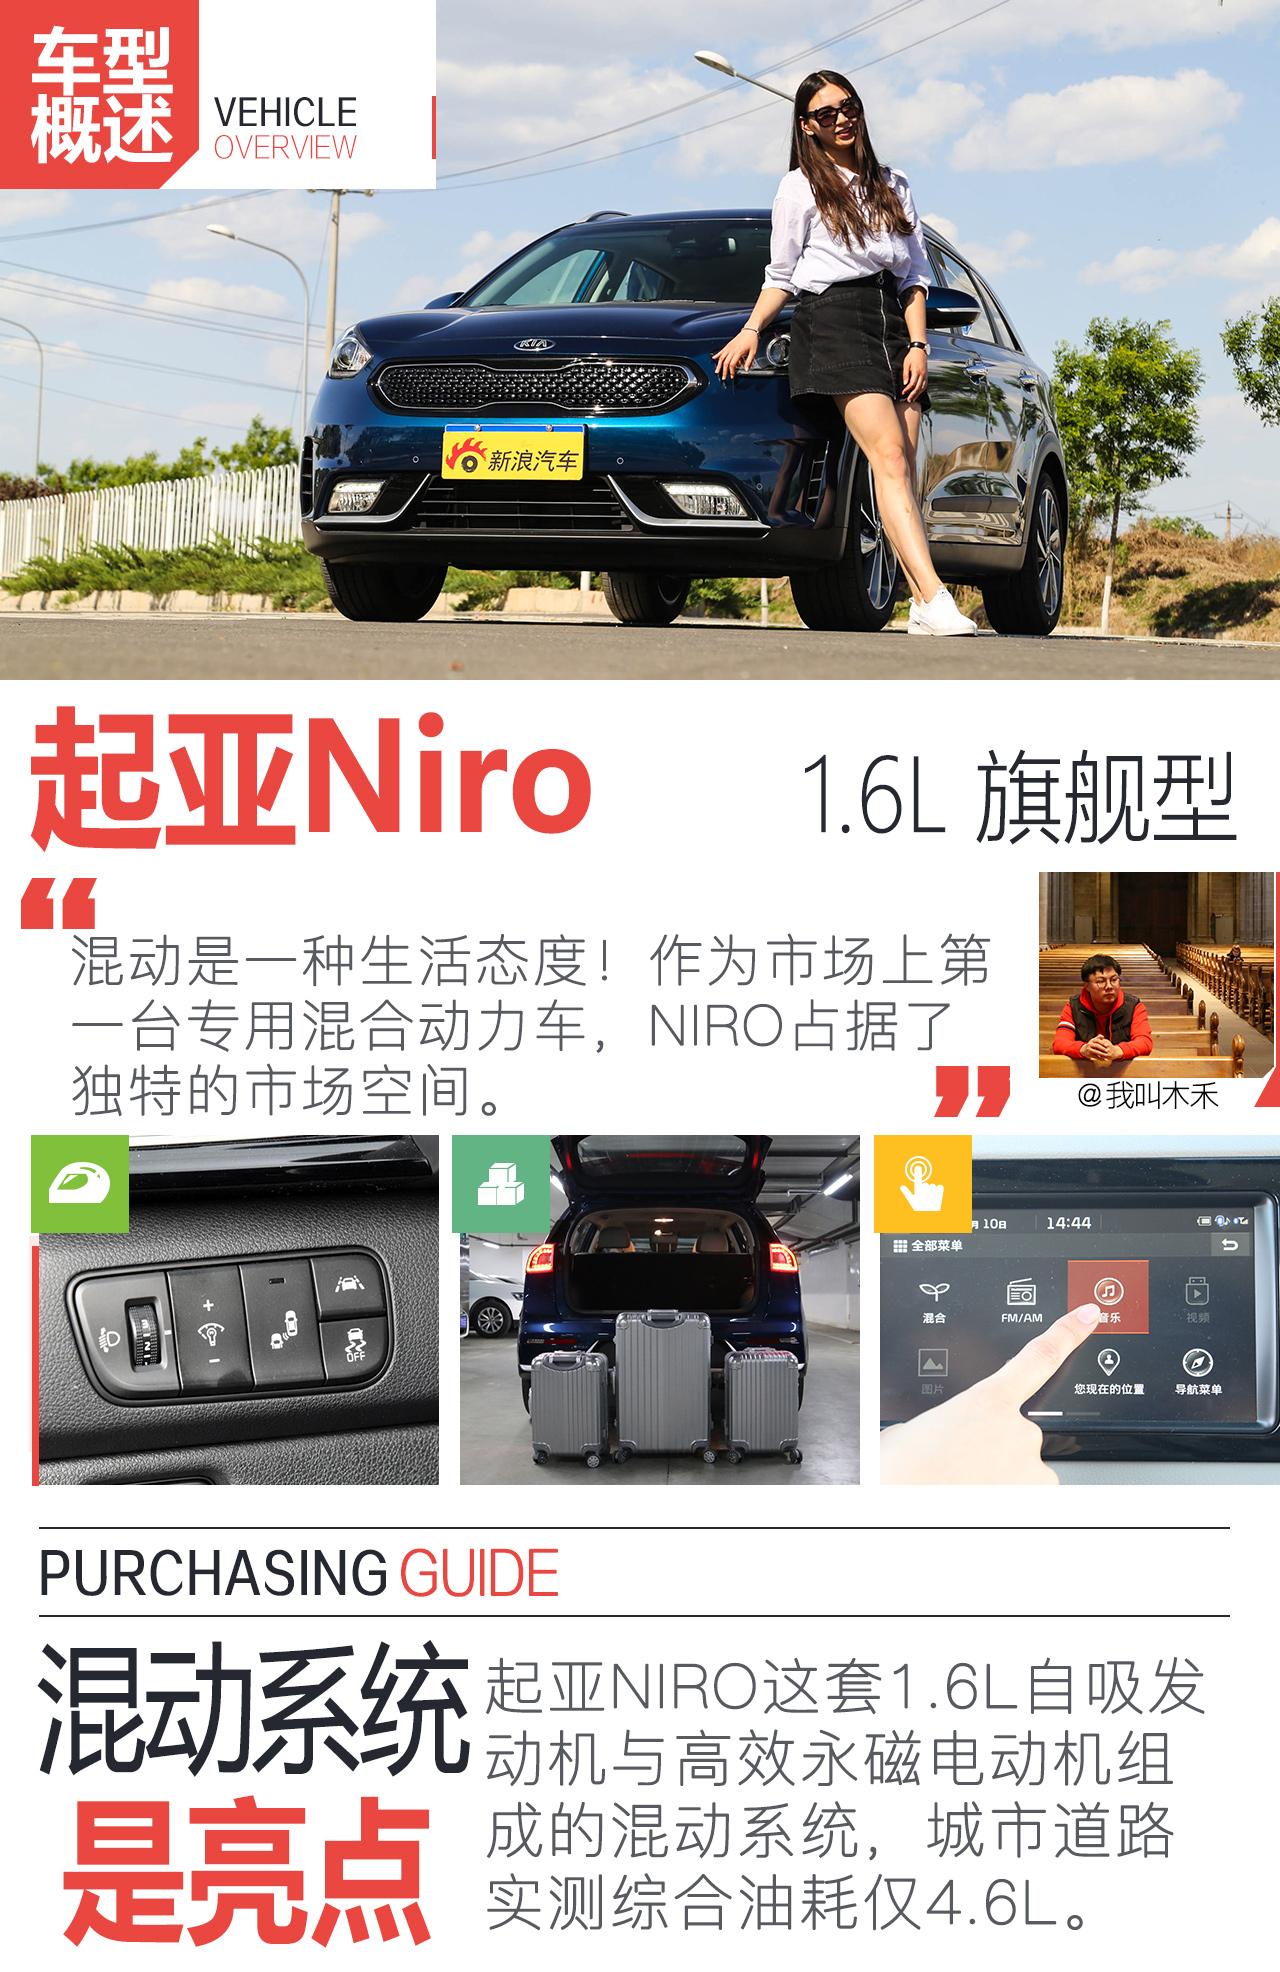 进口起亚Niro 1.6L 旗舰版